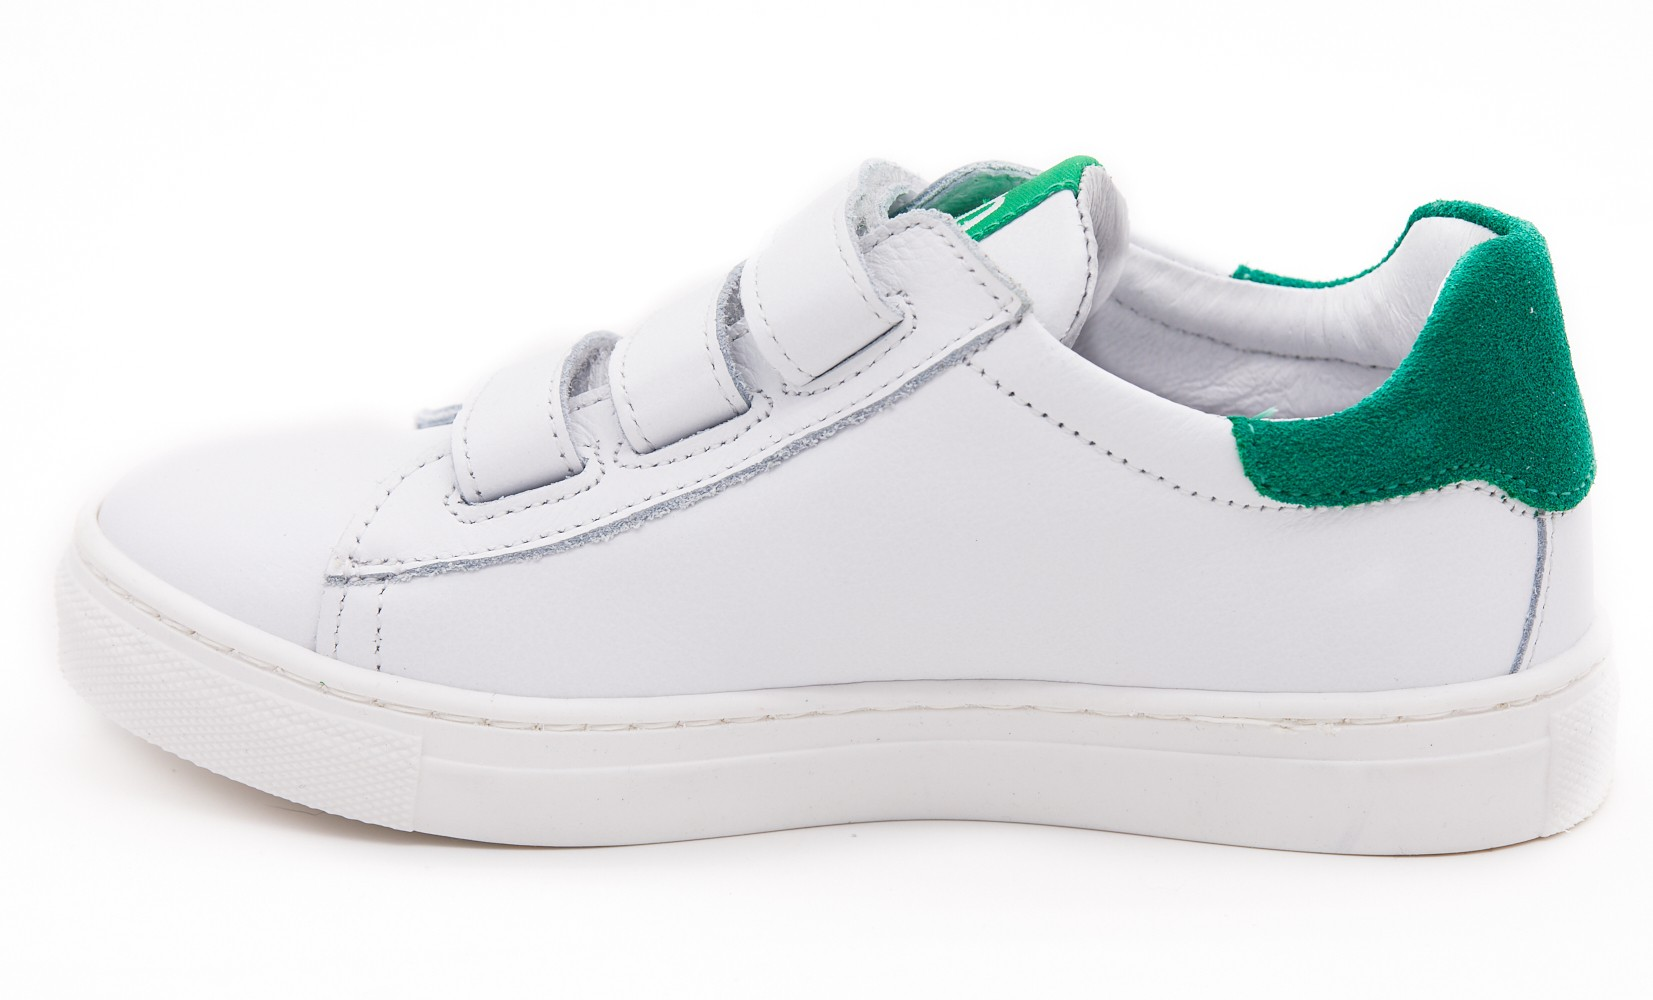 Pantofi sport UNISEX alb/verde